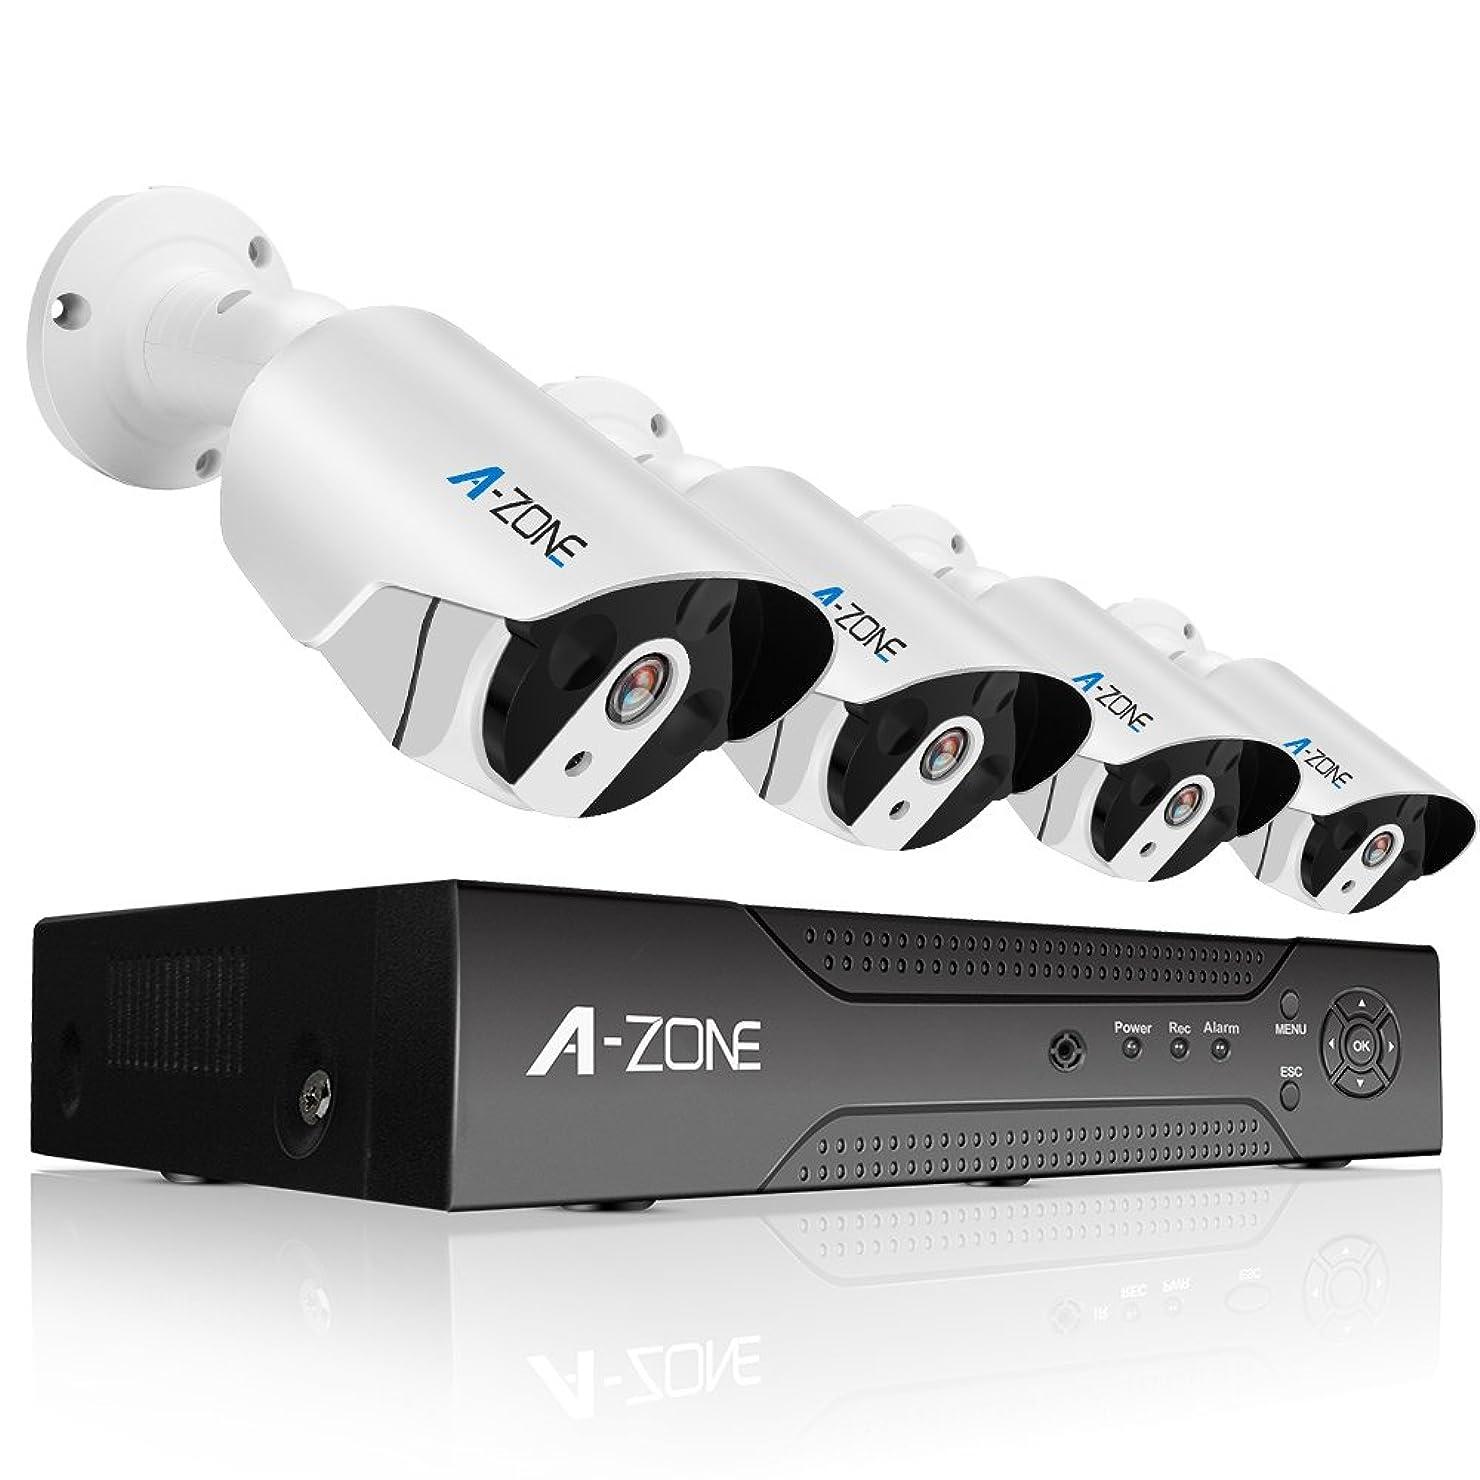 大胆なホイップ集団的A-ZONE 400万画素タイプ POE給電カメラ 防犯カメラキット ネットワークカメラ hddレコーダー 暗視撮影 cctvセキュリティカメラシステム 監視カメラ ナイトビジョン 防水カメラ 動体検知録画(2000GB内蔵) 4ch ハイビョン HD NVRキット 屋内/屋外 クイックリモートアクセス 無料アプリ 遠隔監視対応 (2TB HDD 付き)